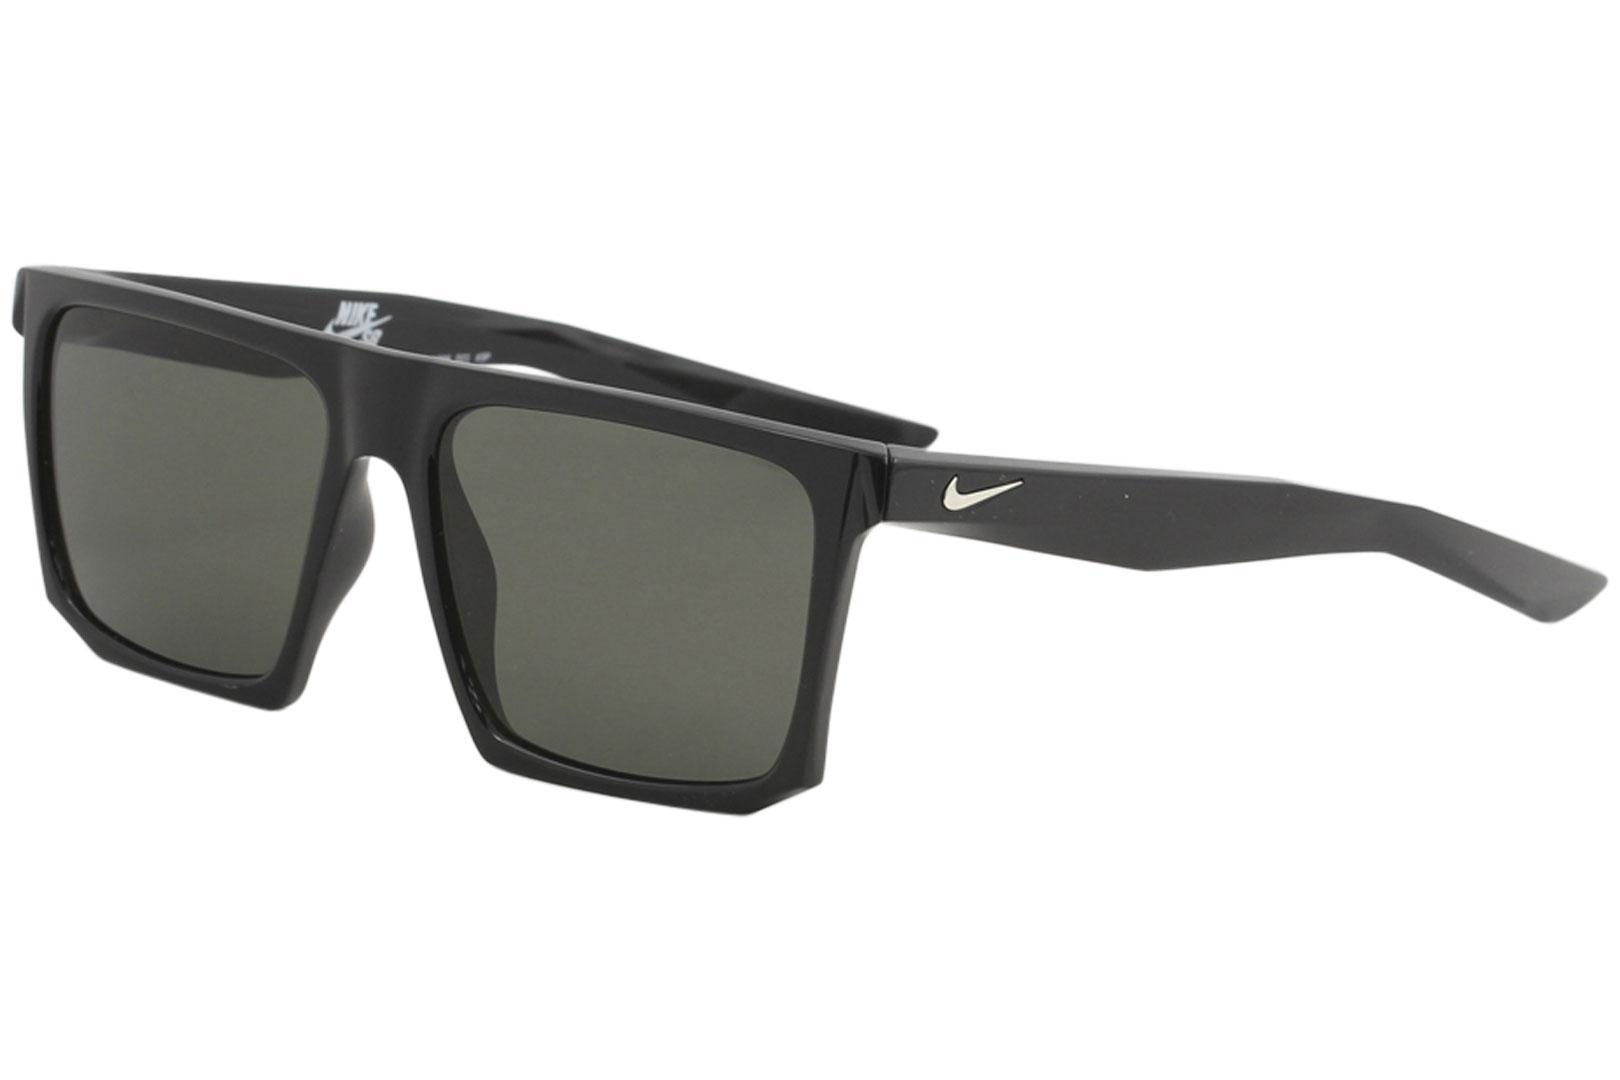 Image of Nike SB Men's Ledge EV1098 EV/1098 Sport Square Sunglasses - Black Silver/Polarized Grey   001 - Lens 56 Bridge 16 Temple 145mm